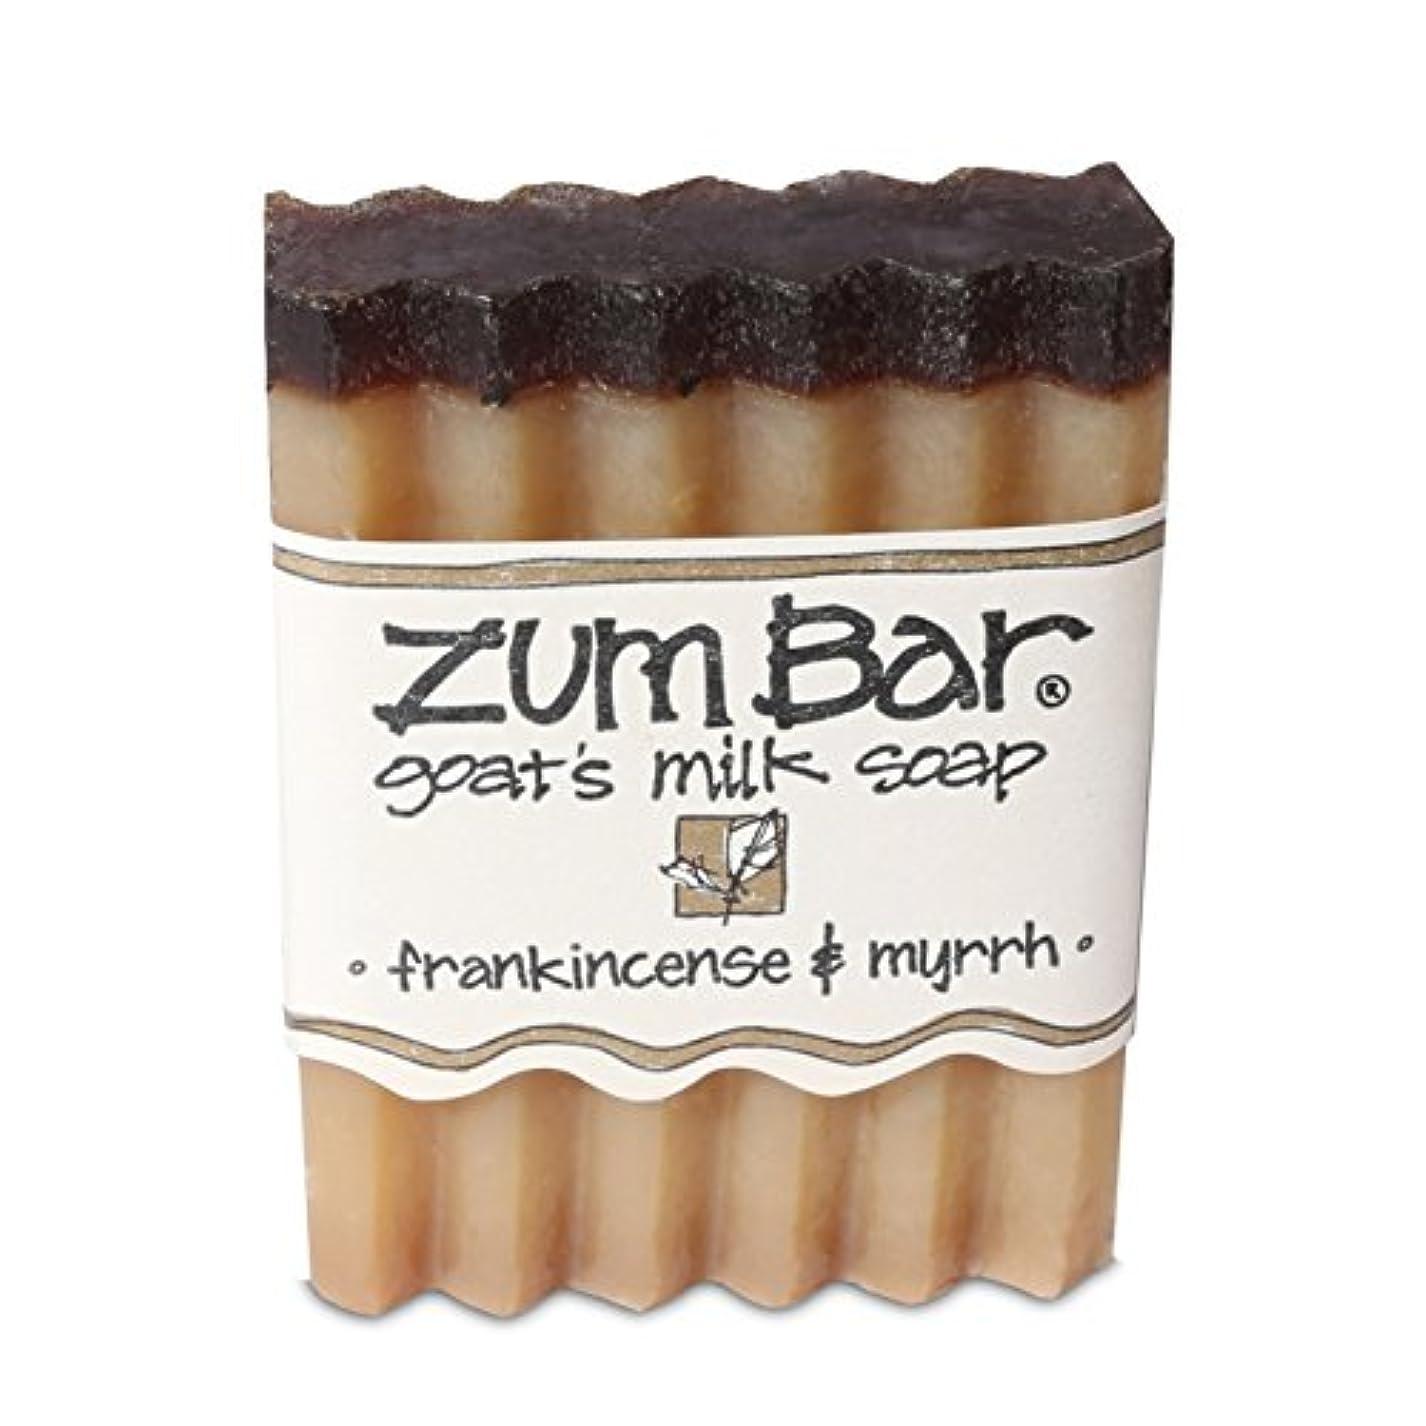 私家事素晴らしき海外直送品 Indigo Wild, Zum Bar, Goat's ミルク ソープ フランキンセンス&ミルラ, 3 Ounces (2個セット) (Frankincense & Myrrh) [並行輸入品]